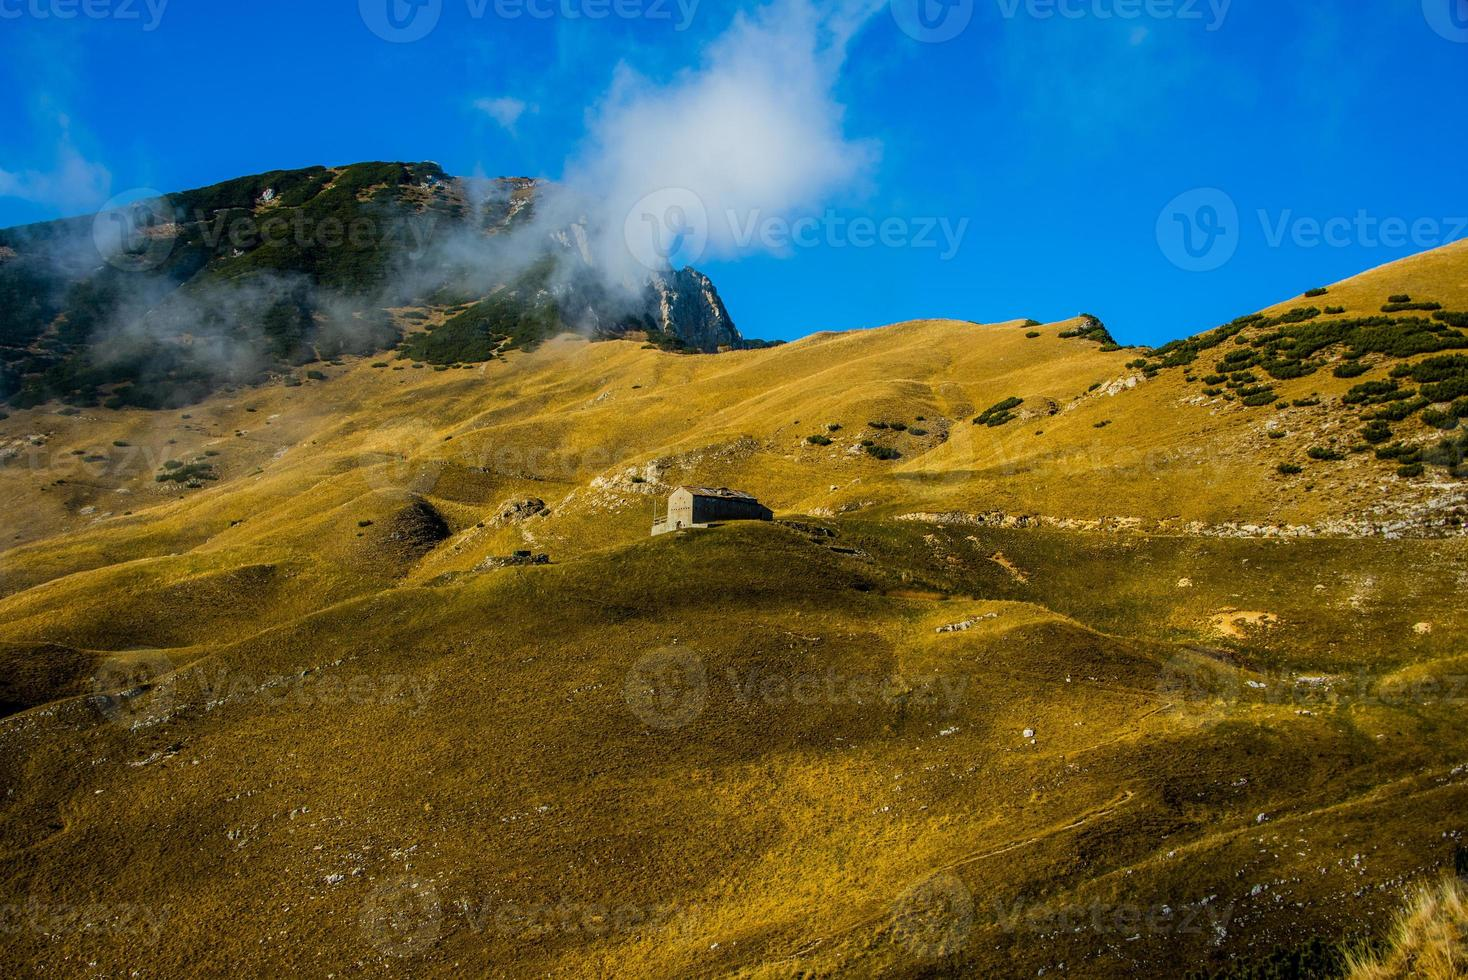 choza entre los campos amarillos de otoño en los alpes foto